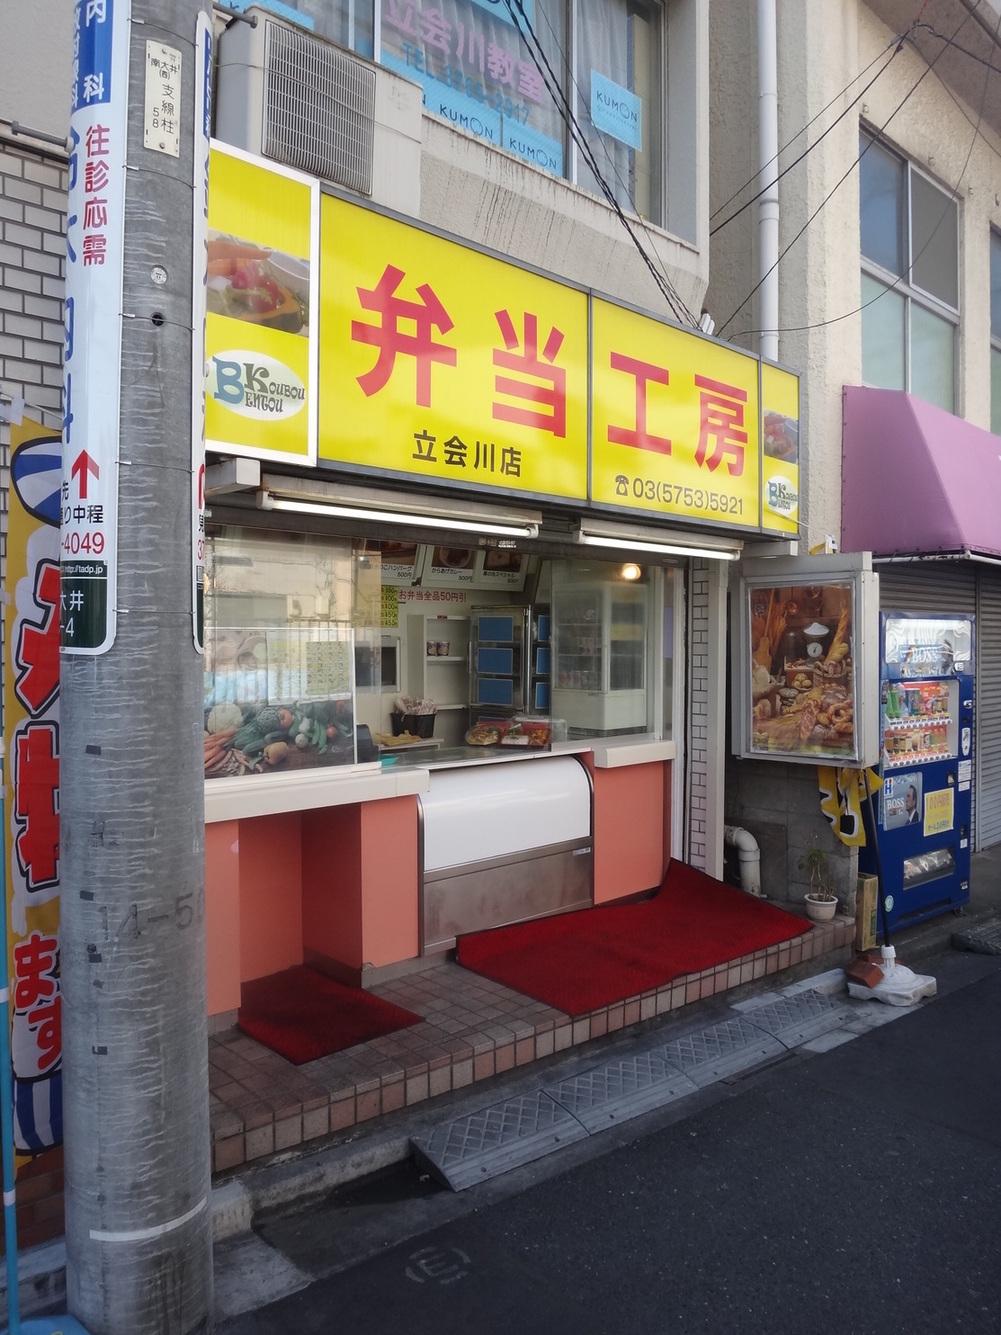 弁当工房 立会川店